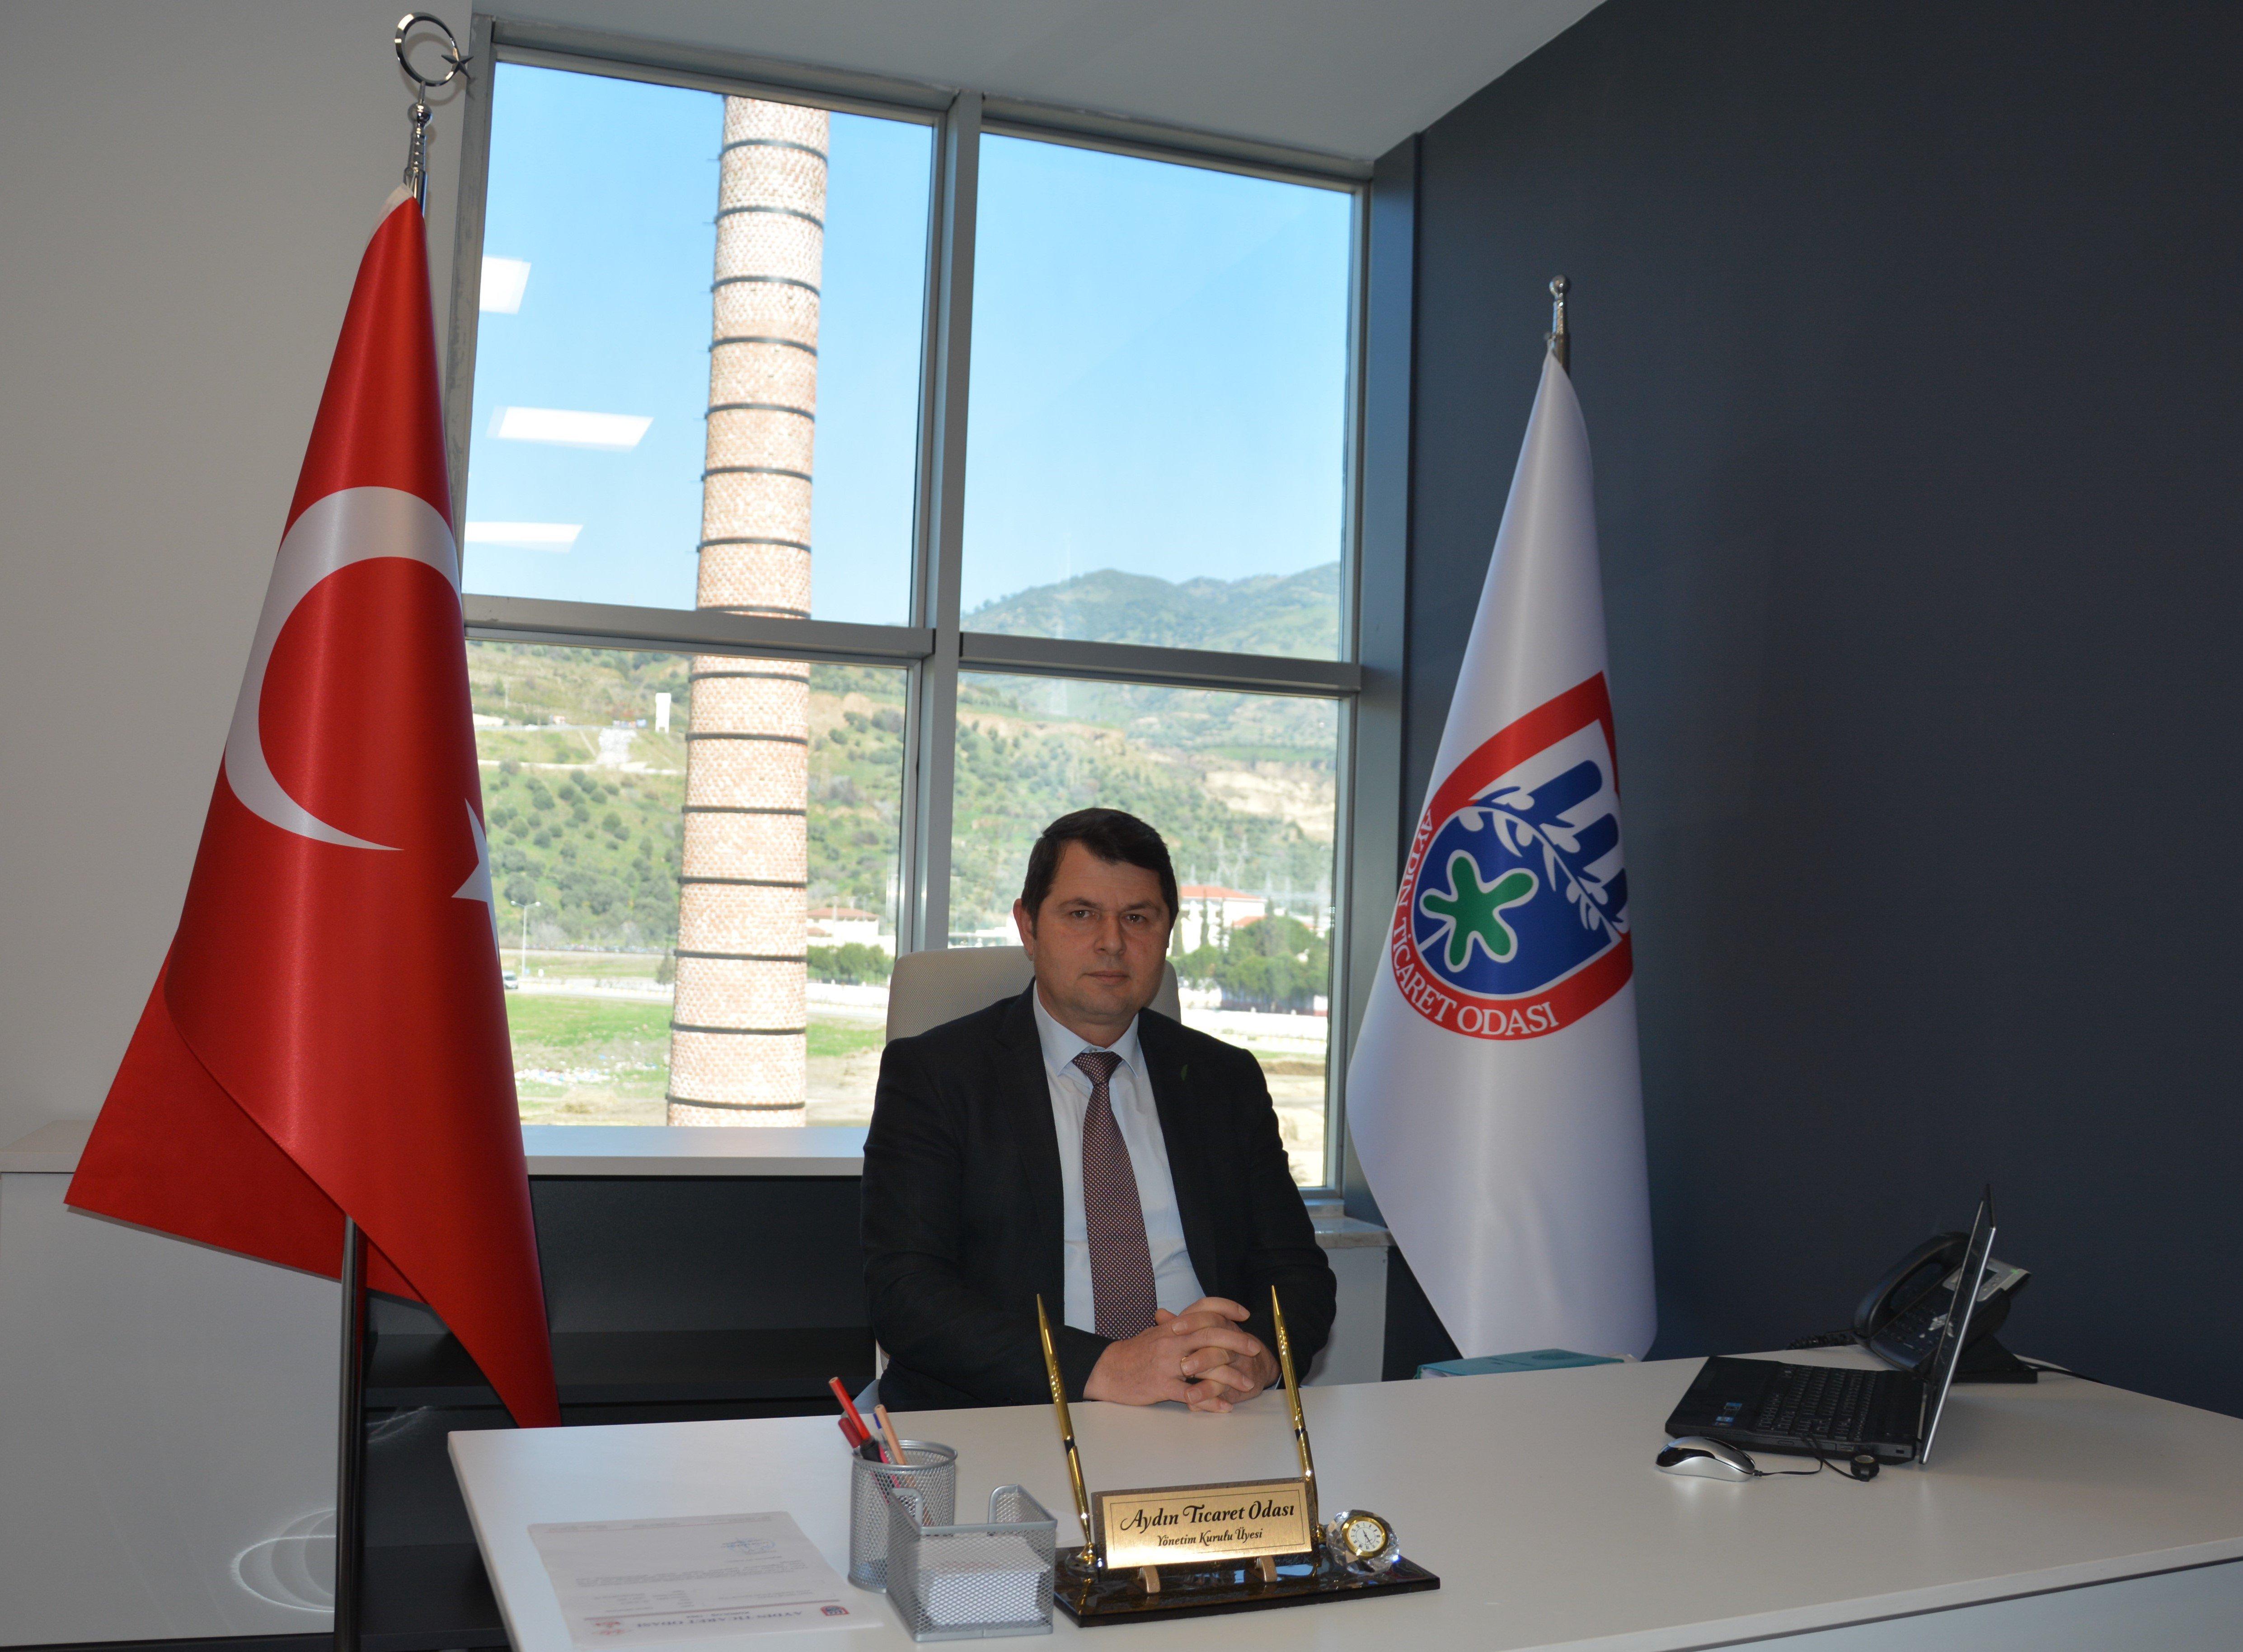 Ülkemiz Zeytin ve Zeytinyağı Sektörüne İlişkin Tespitler, Sorunlar ve Çözüm Önerileri